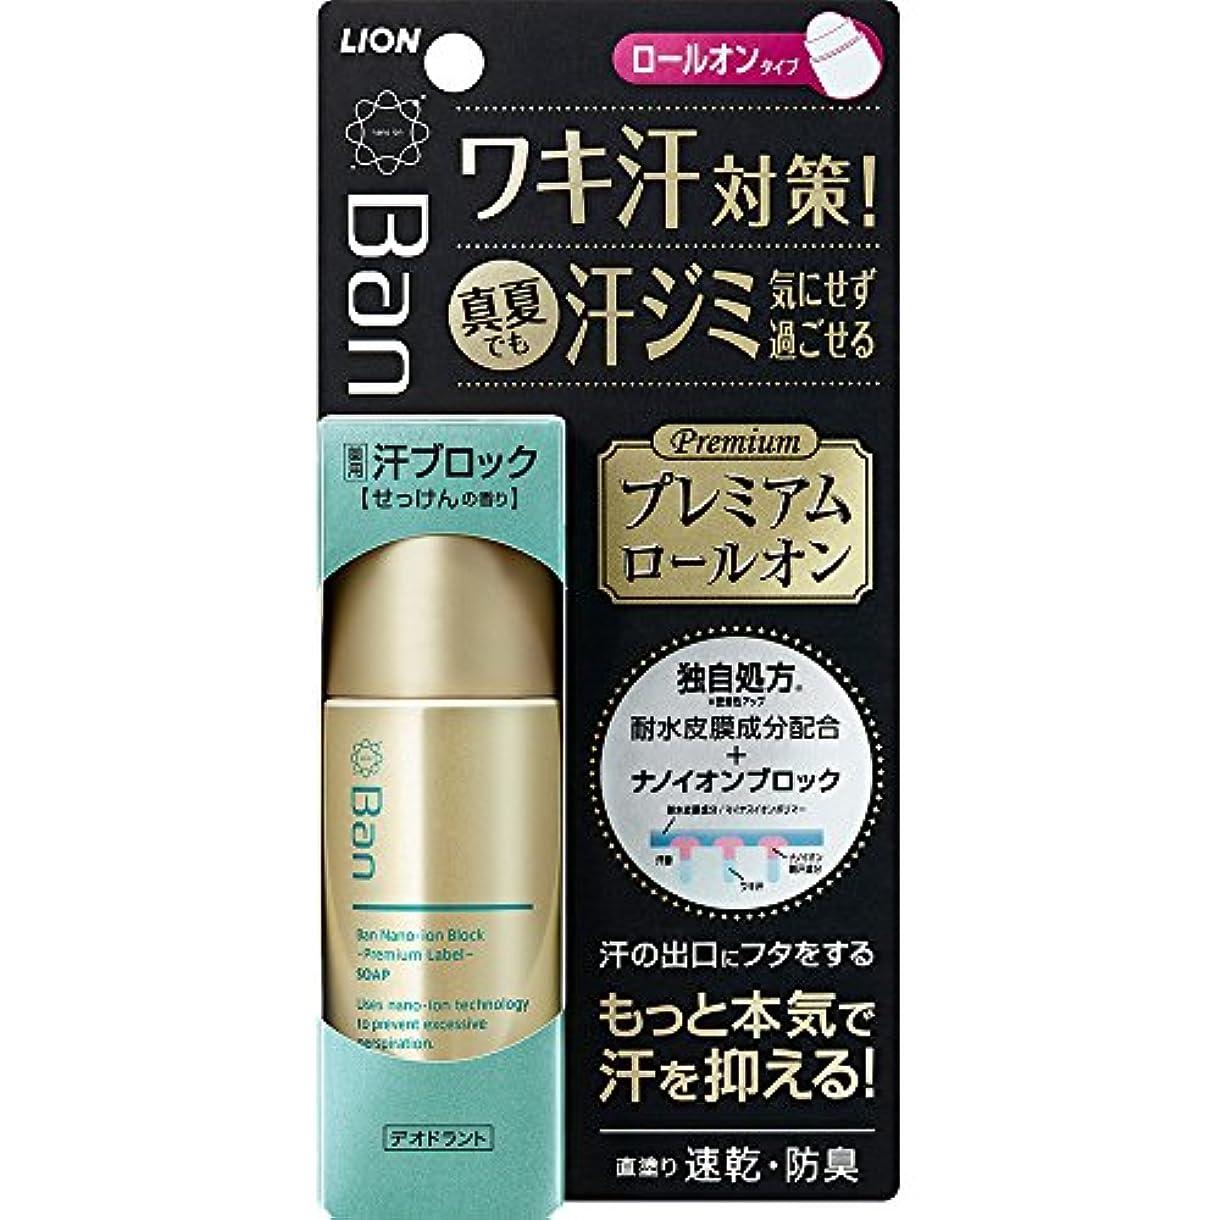 ベースわずらわしい製油所Ban(バン) 汗ブロックロールオン プレミアムラベル せっけんの香り 40ml(医薬部外品)